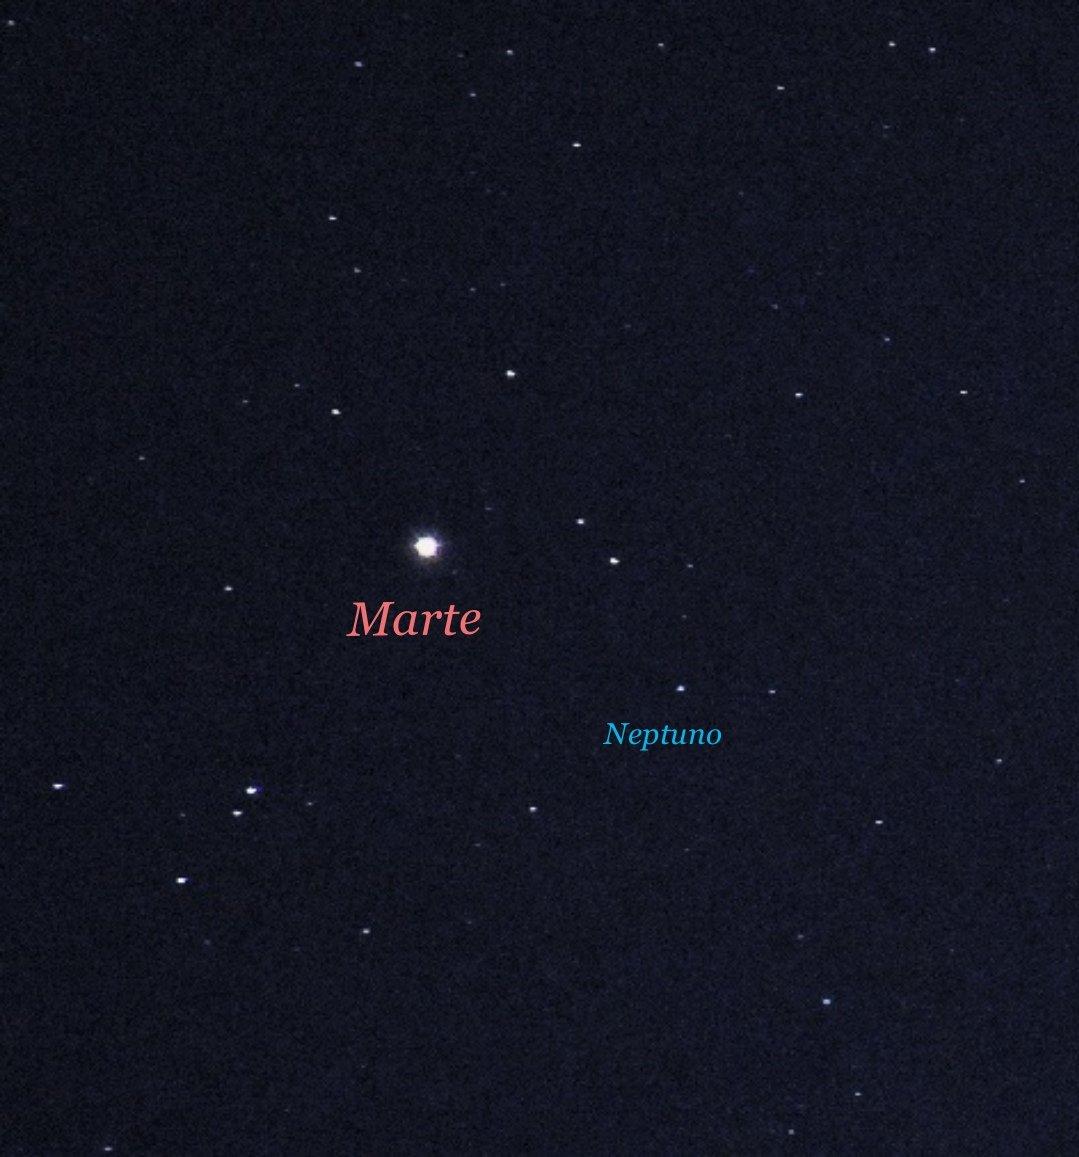 RT @AstronomiaRivas: Conjunción de Marte y Neptuno. #Marte #Mars #Neptuno #Neptune #conjuncion #conjunction #cielosESA #planetariofoto @esa_es @esa @PlanetarioMad @myuniversoo @AstroAficion @El_Universo_Hoy @universetoday https://t.co/HMjVwkH9RU